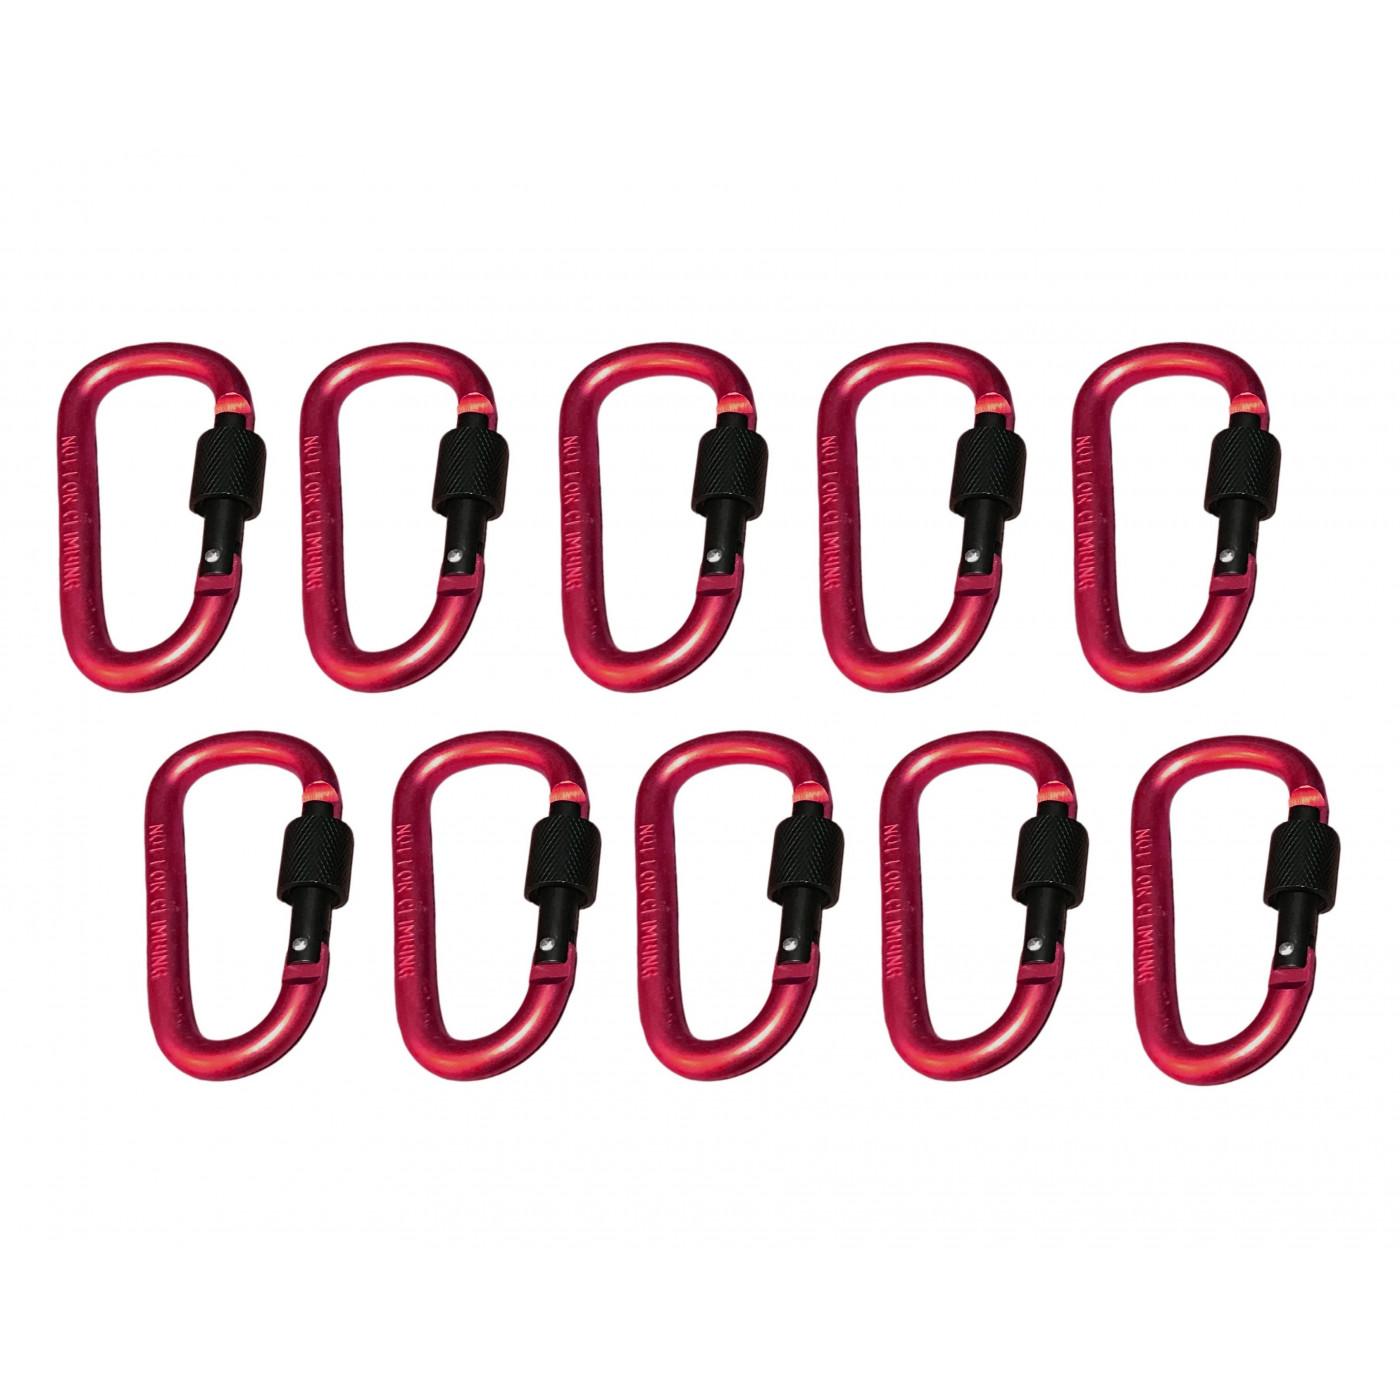 Jeu de 10 mousquetons, couleur 5: rouge, 100 kg  - 1